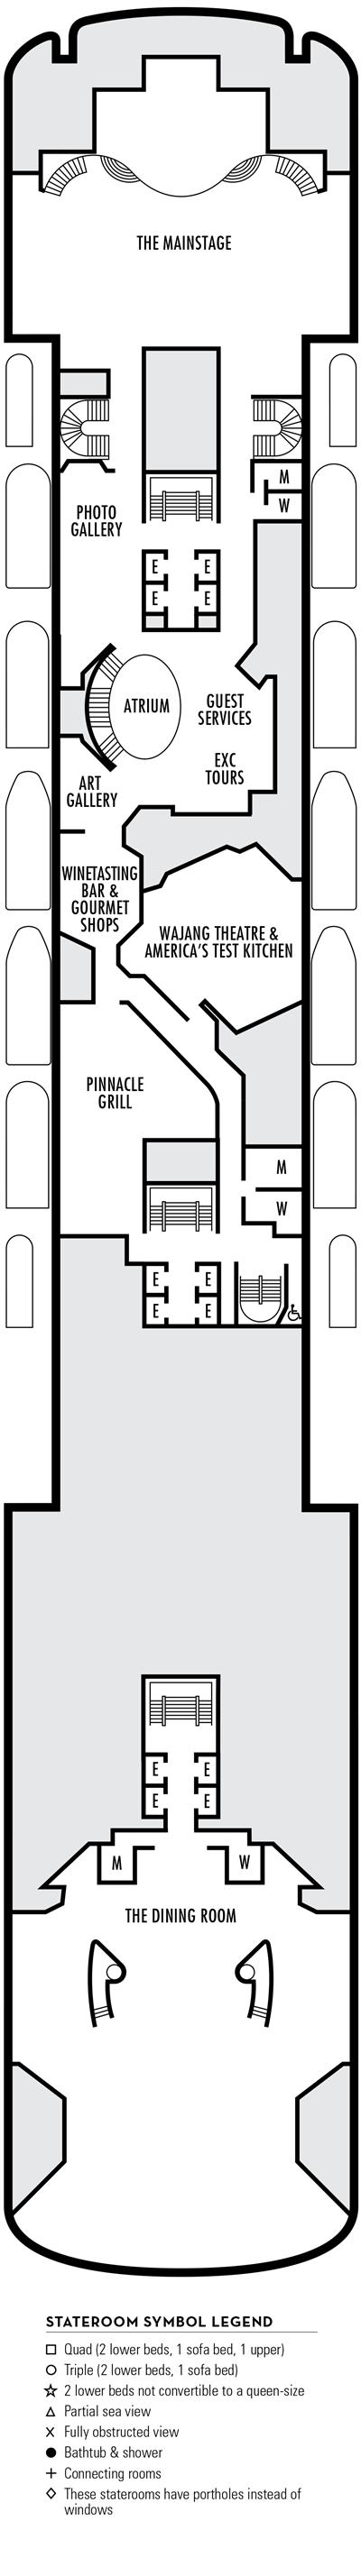 Deck 4 - MS Voledam by HAL